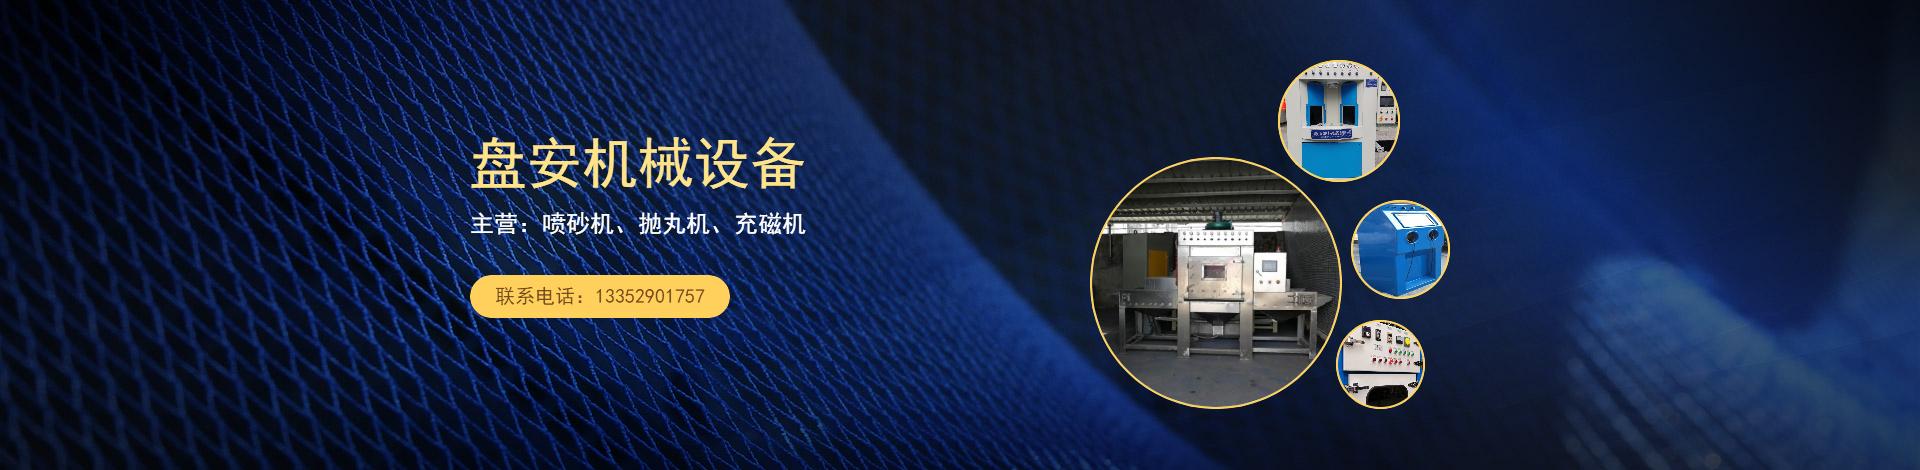 深圳市盘安机械设备有限公司